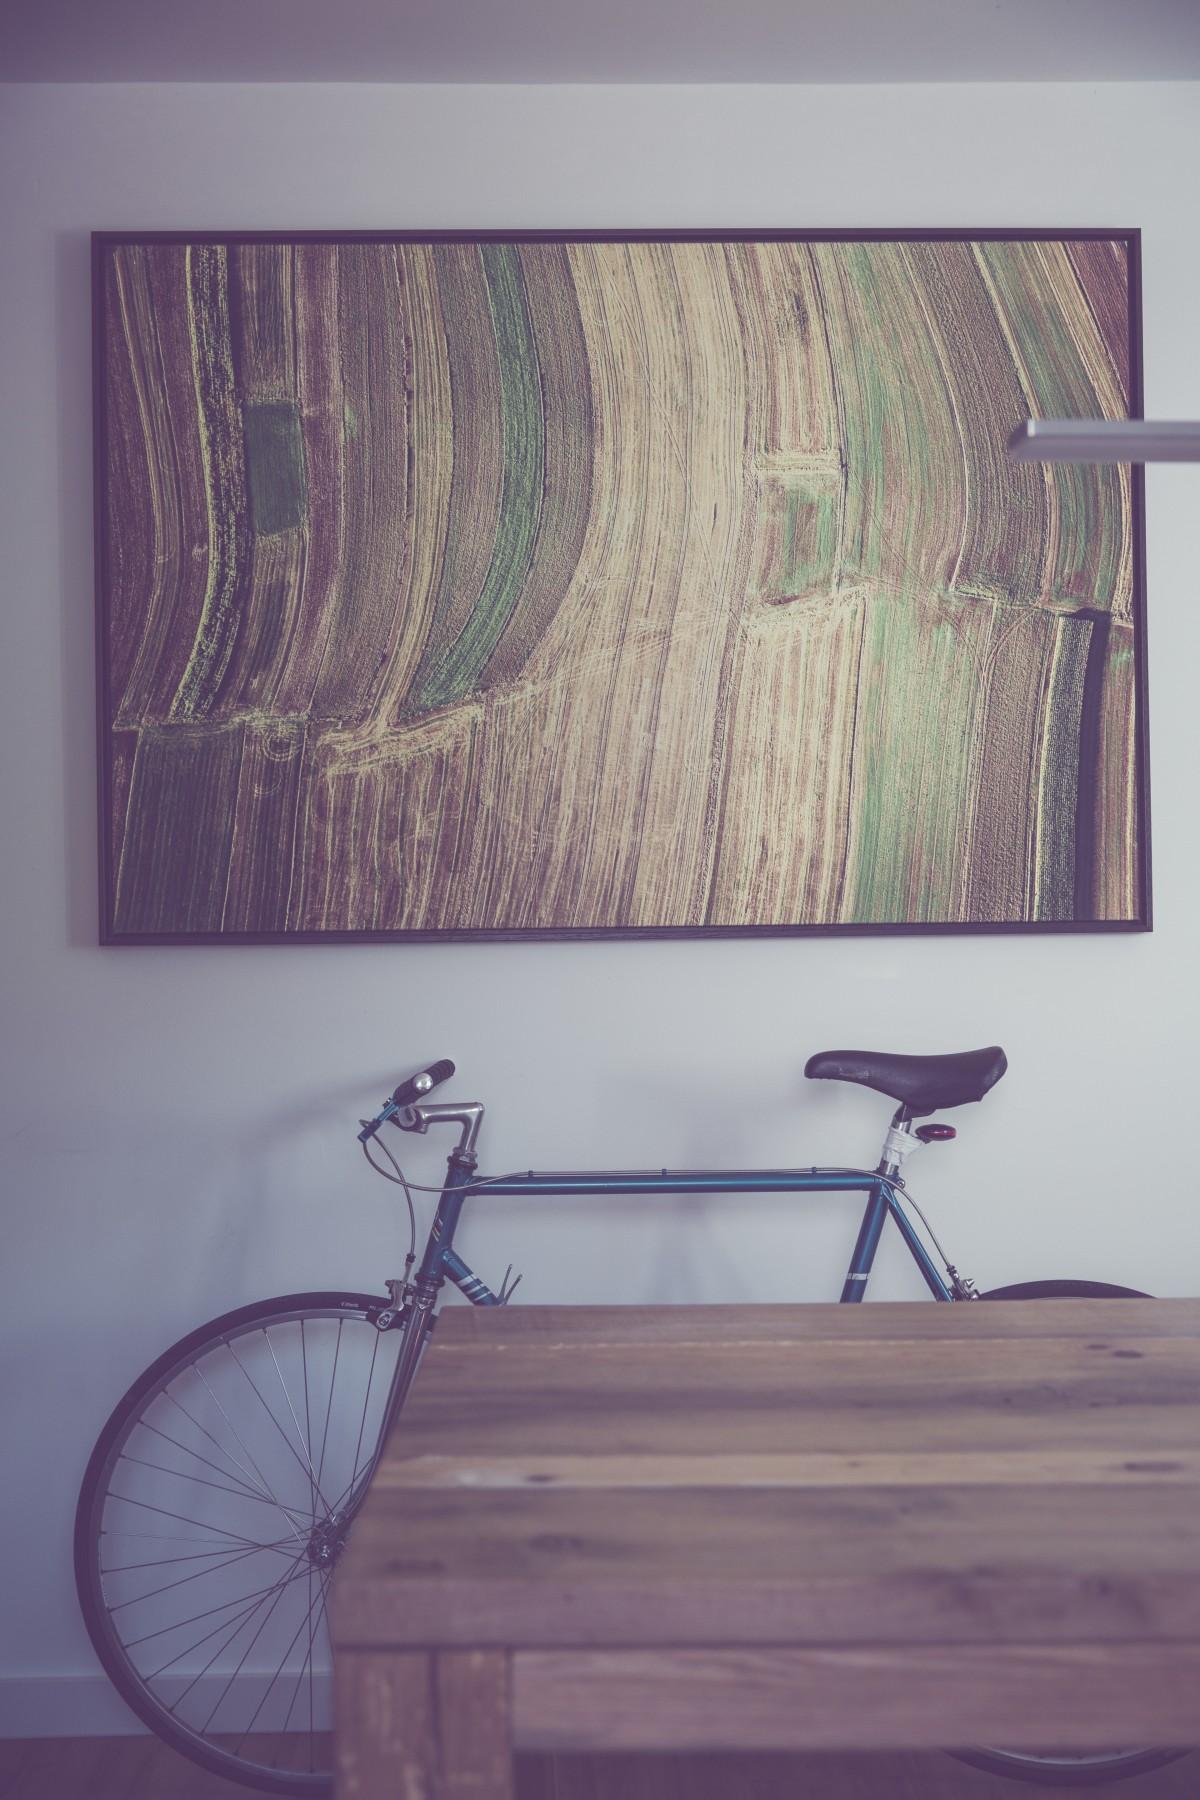 Amazing Table, Wood, Bicycle, Bike, Wall, Vehicle